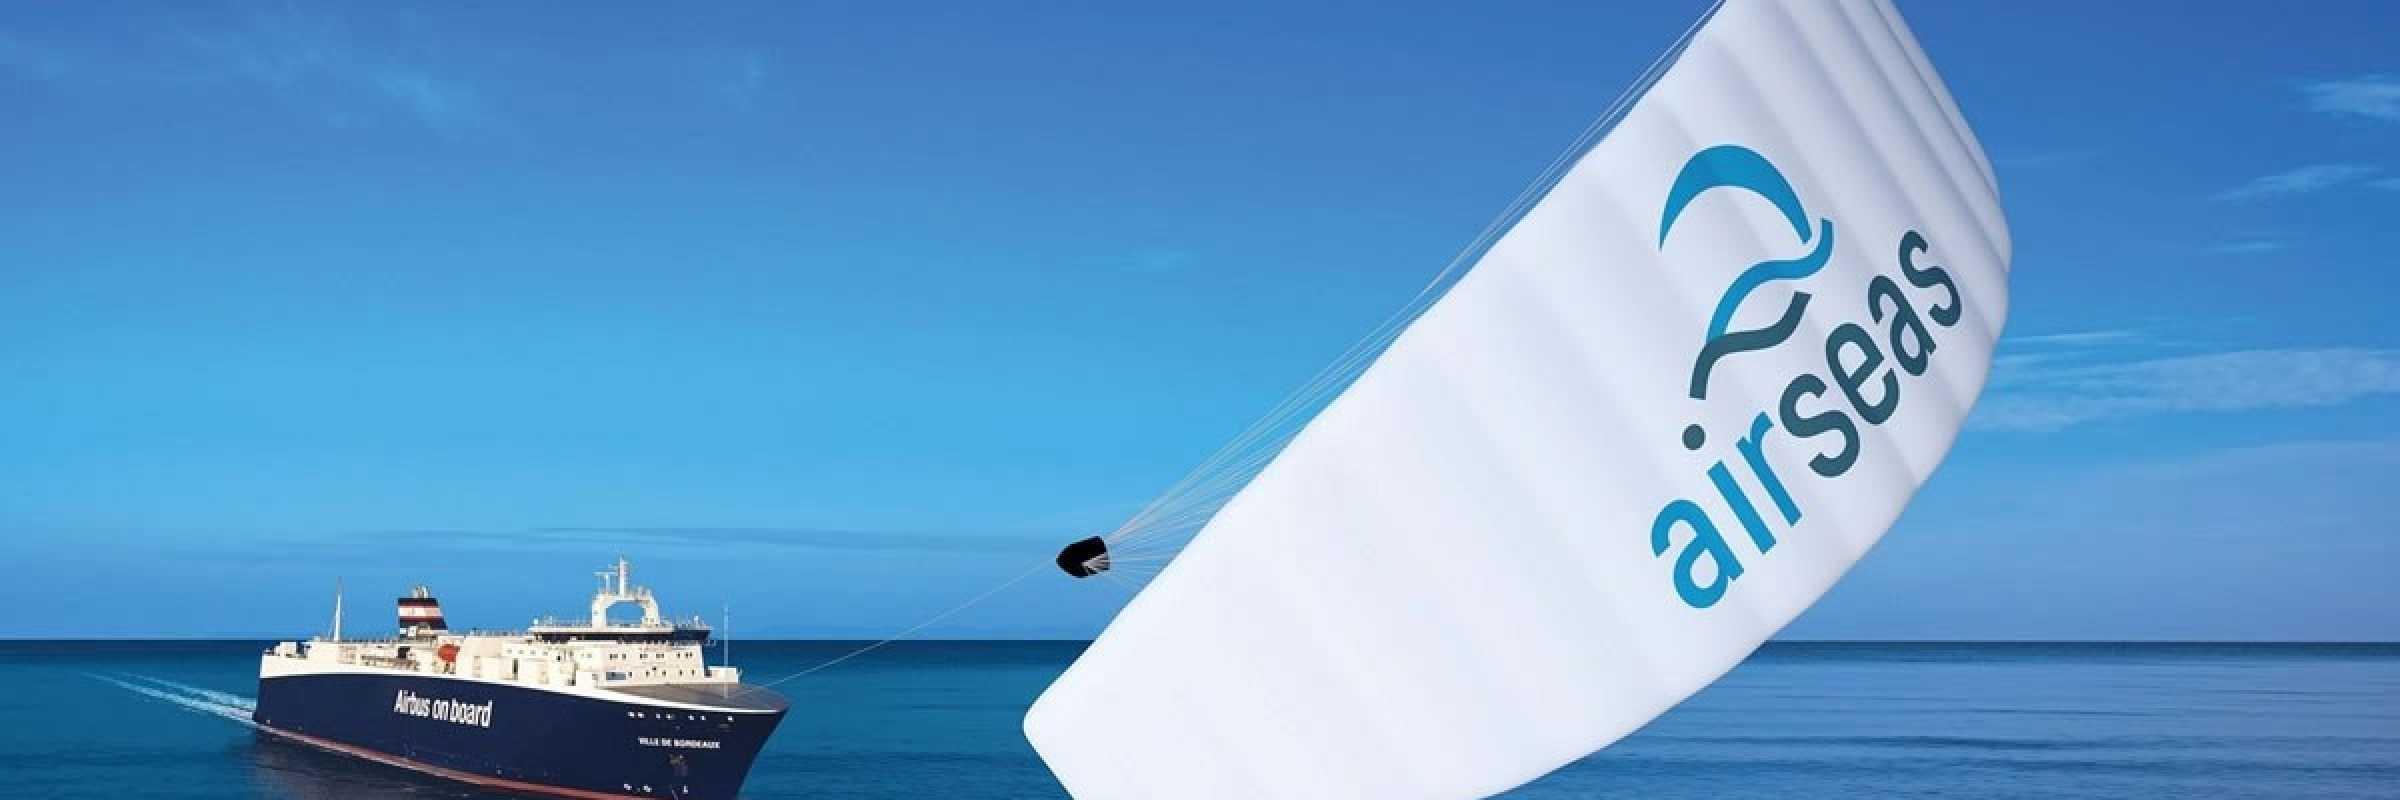 K Line to trial kite sails